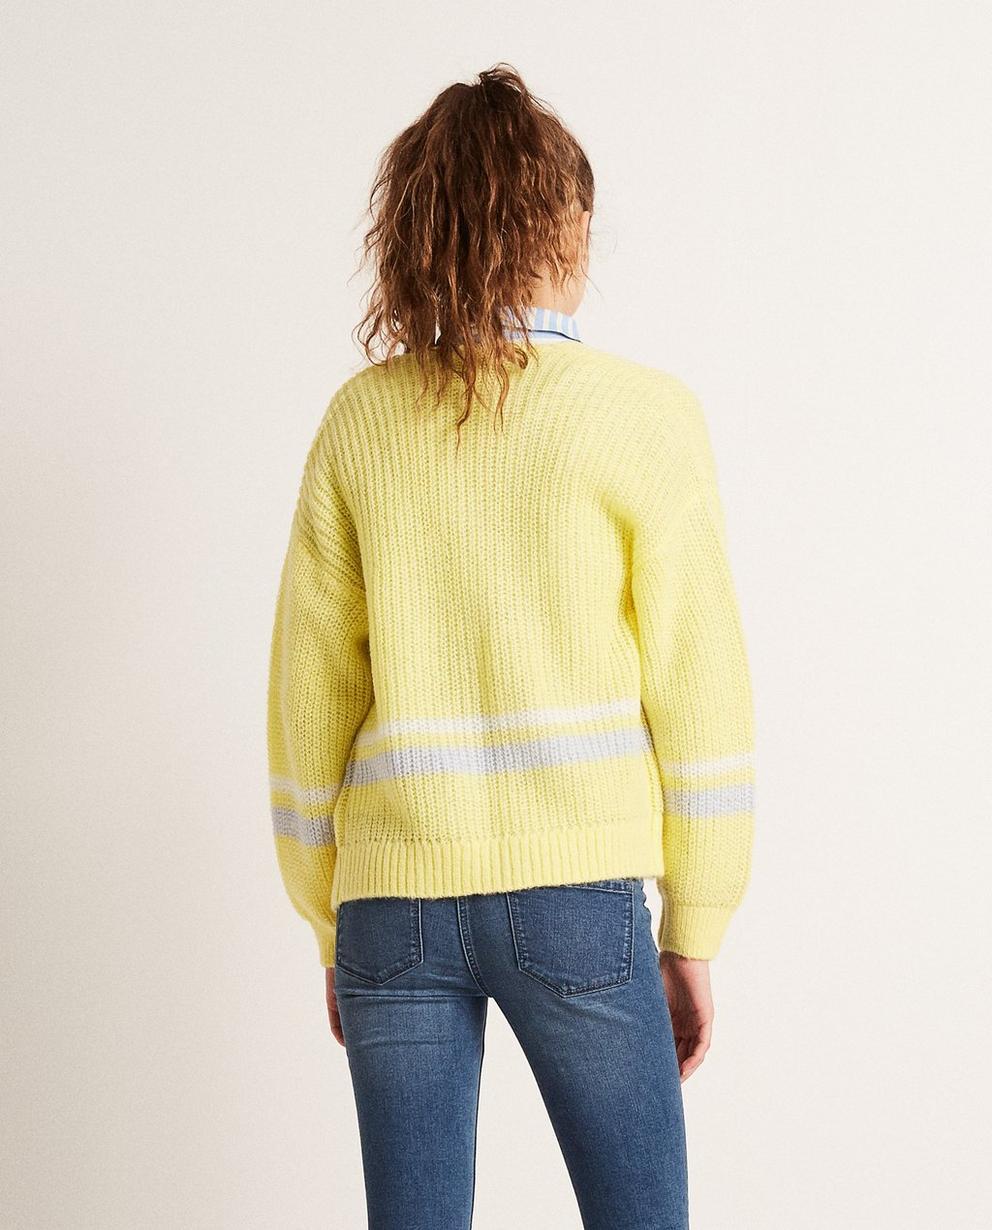 Strickjacken - Hellgelb - Colorblock-Jacke aus einer luxuriösen Wollmischung